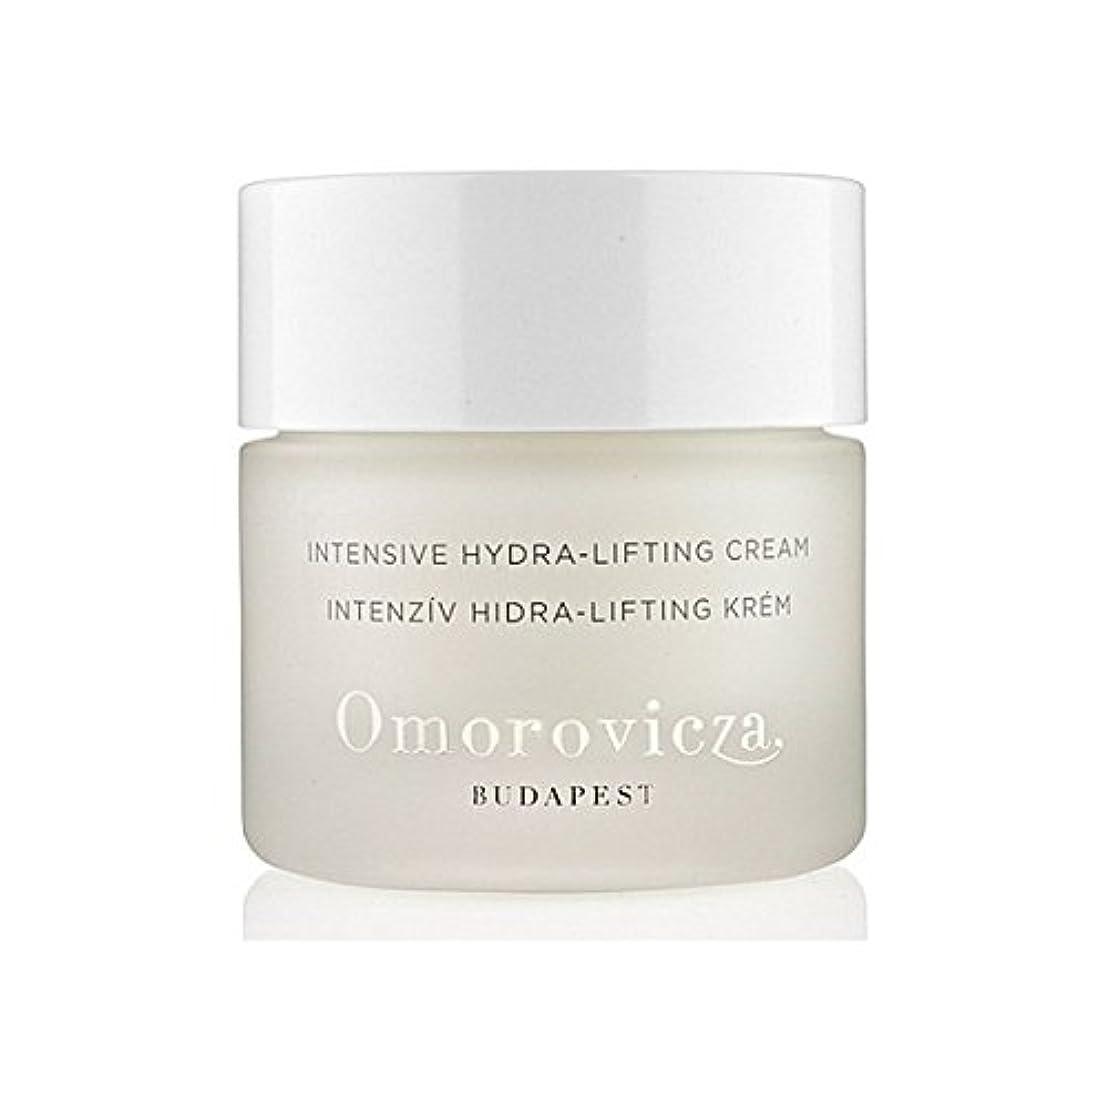 ボア伝統検査集中的なヒドラリフティングクリーム50 x2 - Omorovicza Intensive Hydra-Lifting Cream 50Ml (Pack of 2) [並行輸入品]